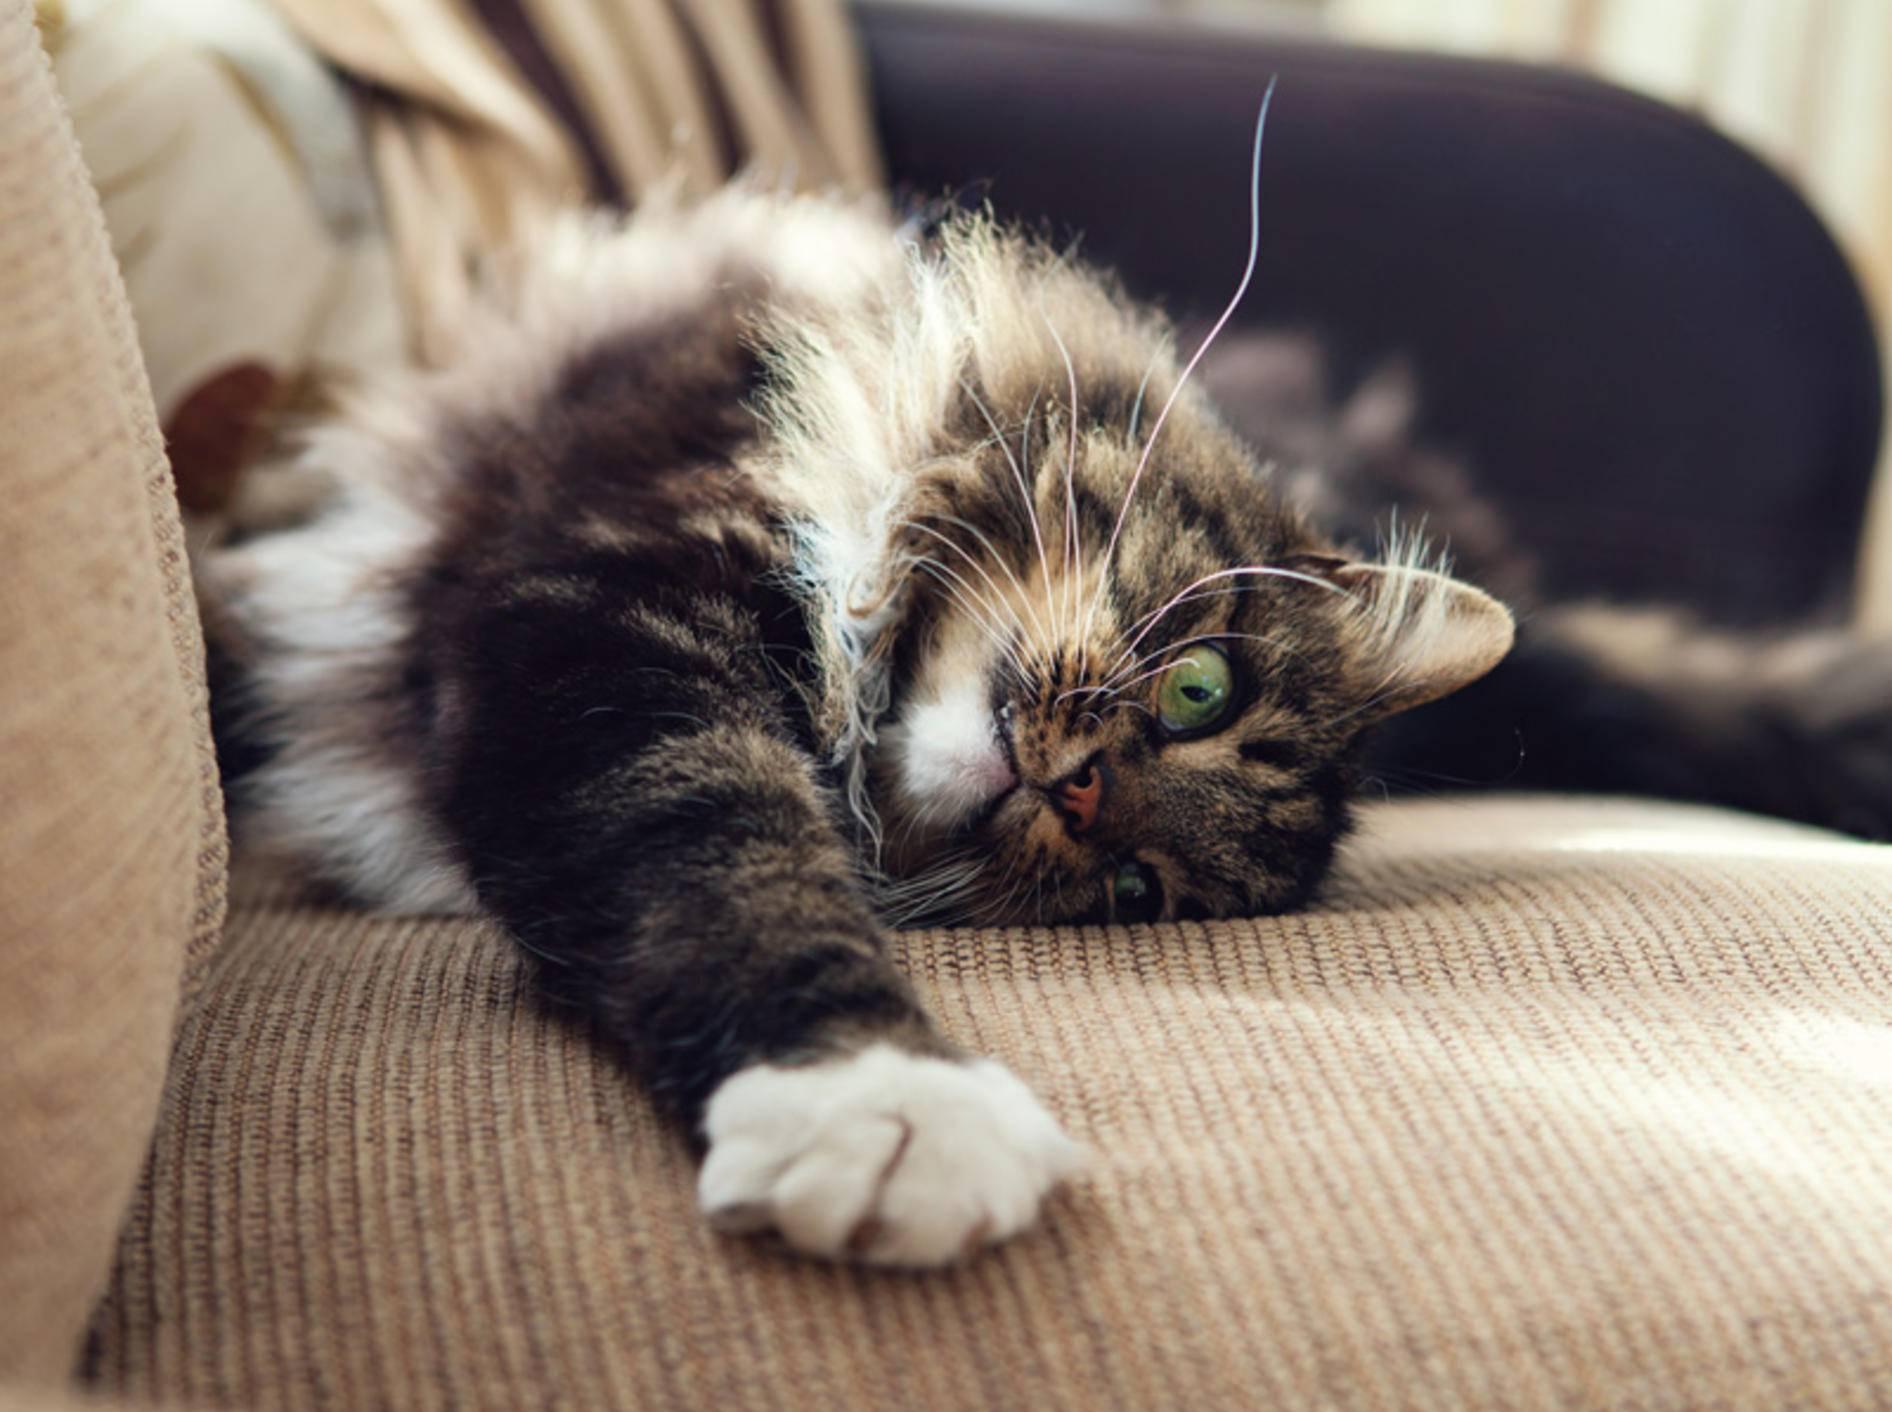 Die Norwegische Waldkatze liebt es, zu kuscheln – Bild: Shutterstock / Magdanatka